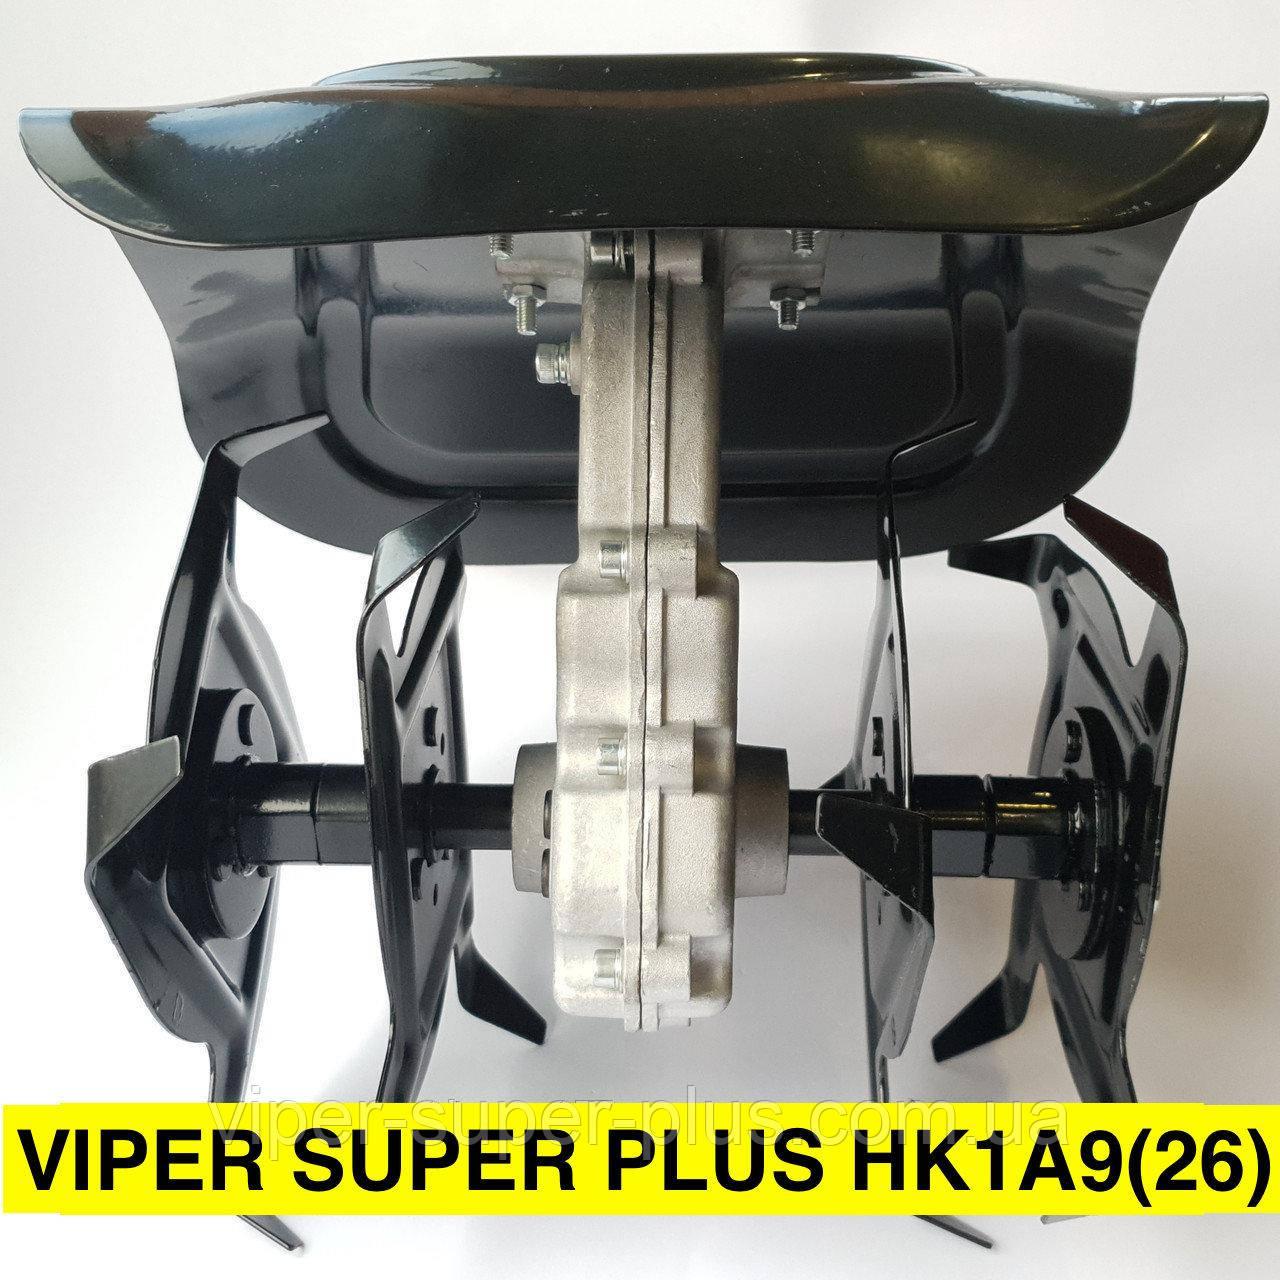 Насадка Культиватор VIPER SUPER PLUS НК1А9 (26)― Насадка на Мотокосу, Вал 9 Шлицов 26 труба, на 2 Подшипника